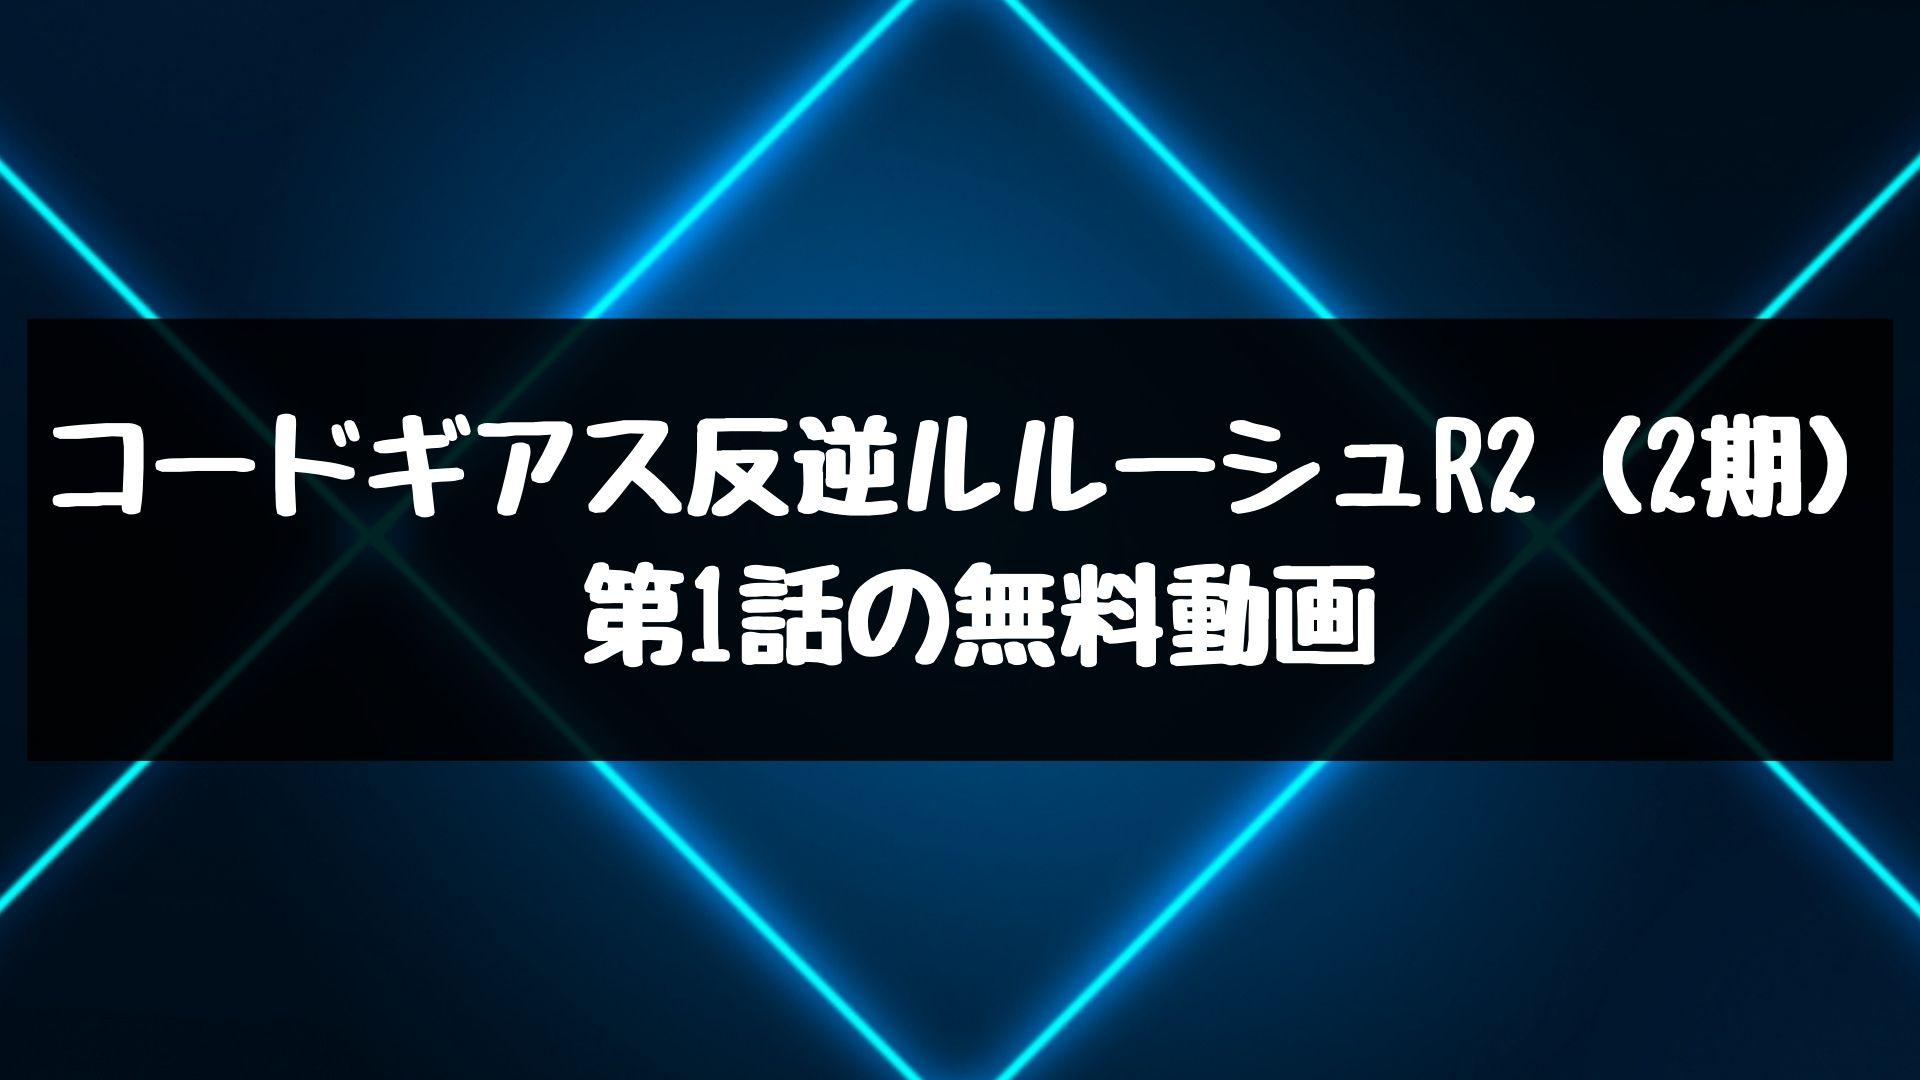 コードギアス反逆ルルーシュR2(2期) 第1話の無料動画